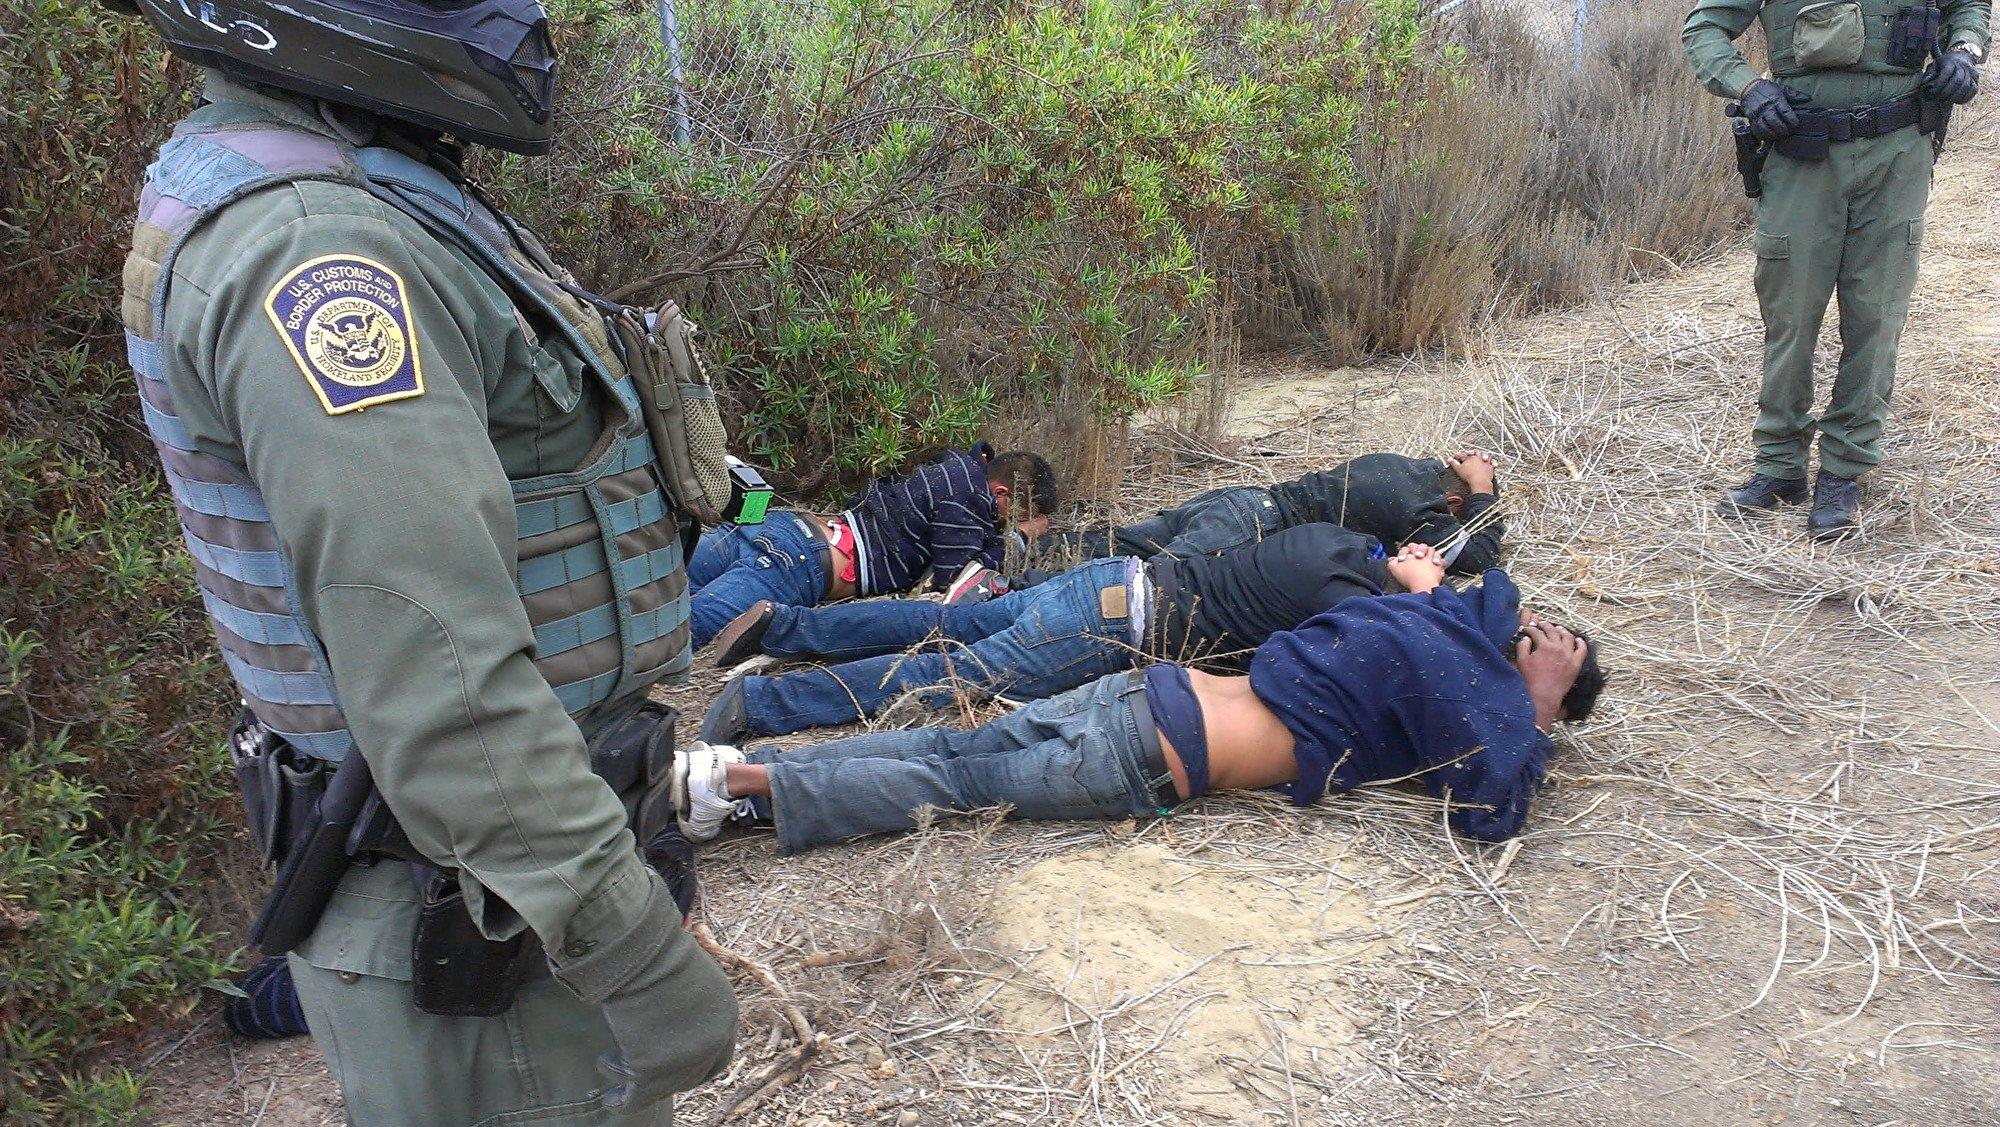 邊境巡邏員截獲的偷渡客。(哈瑞斯提供)